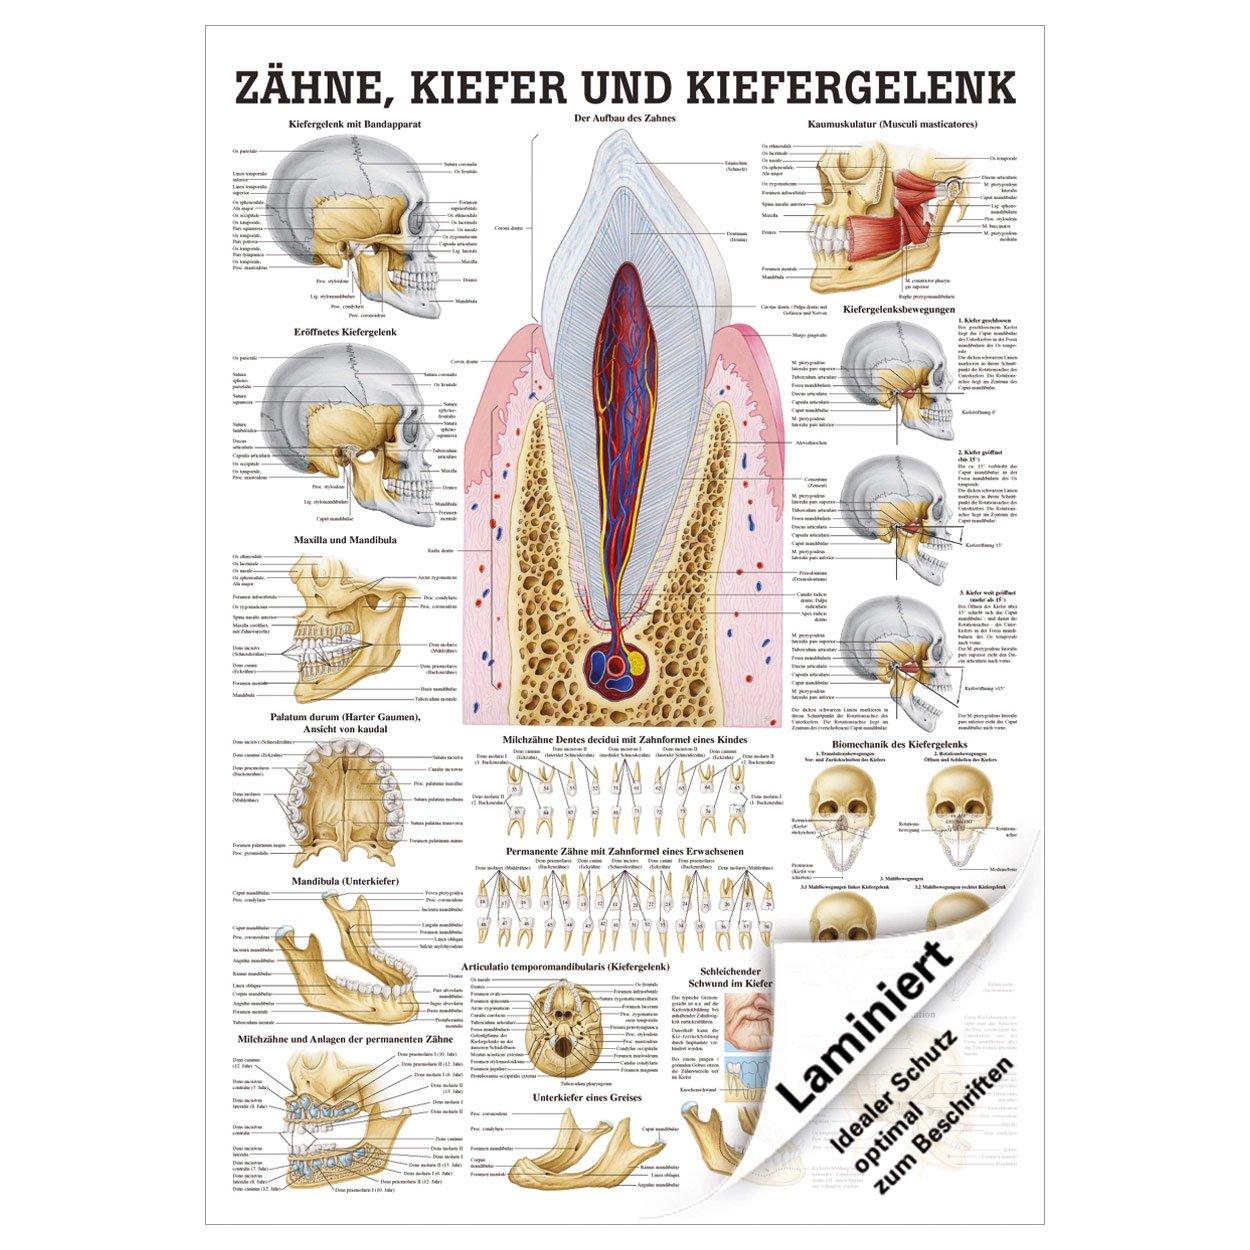 Zähne und Kiefergelenk Mini-Poster Anatomie 34x24 cm medizinische ...